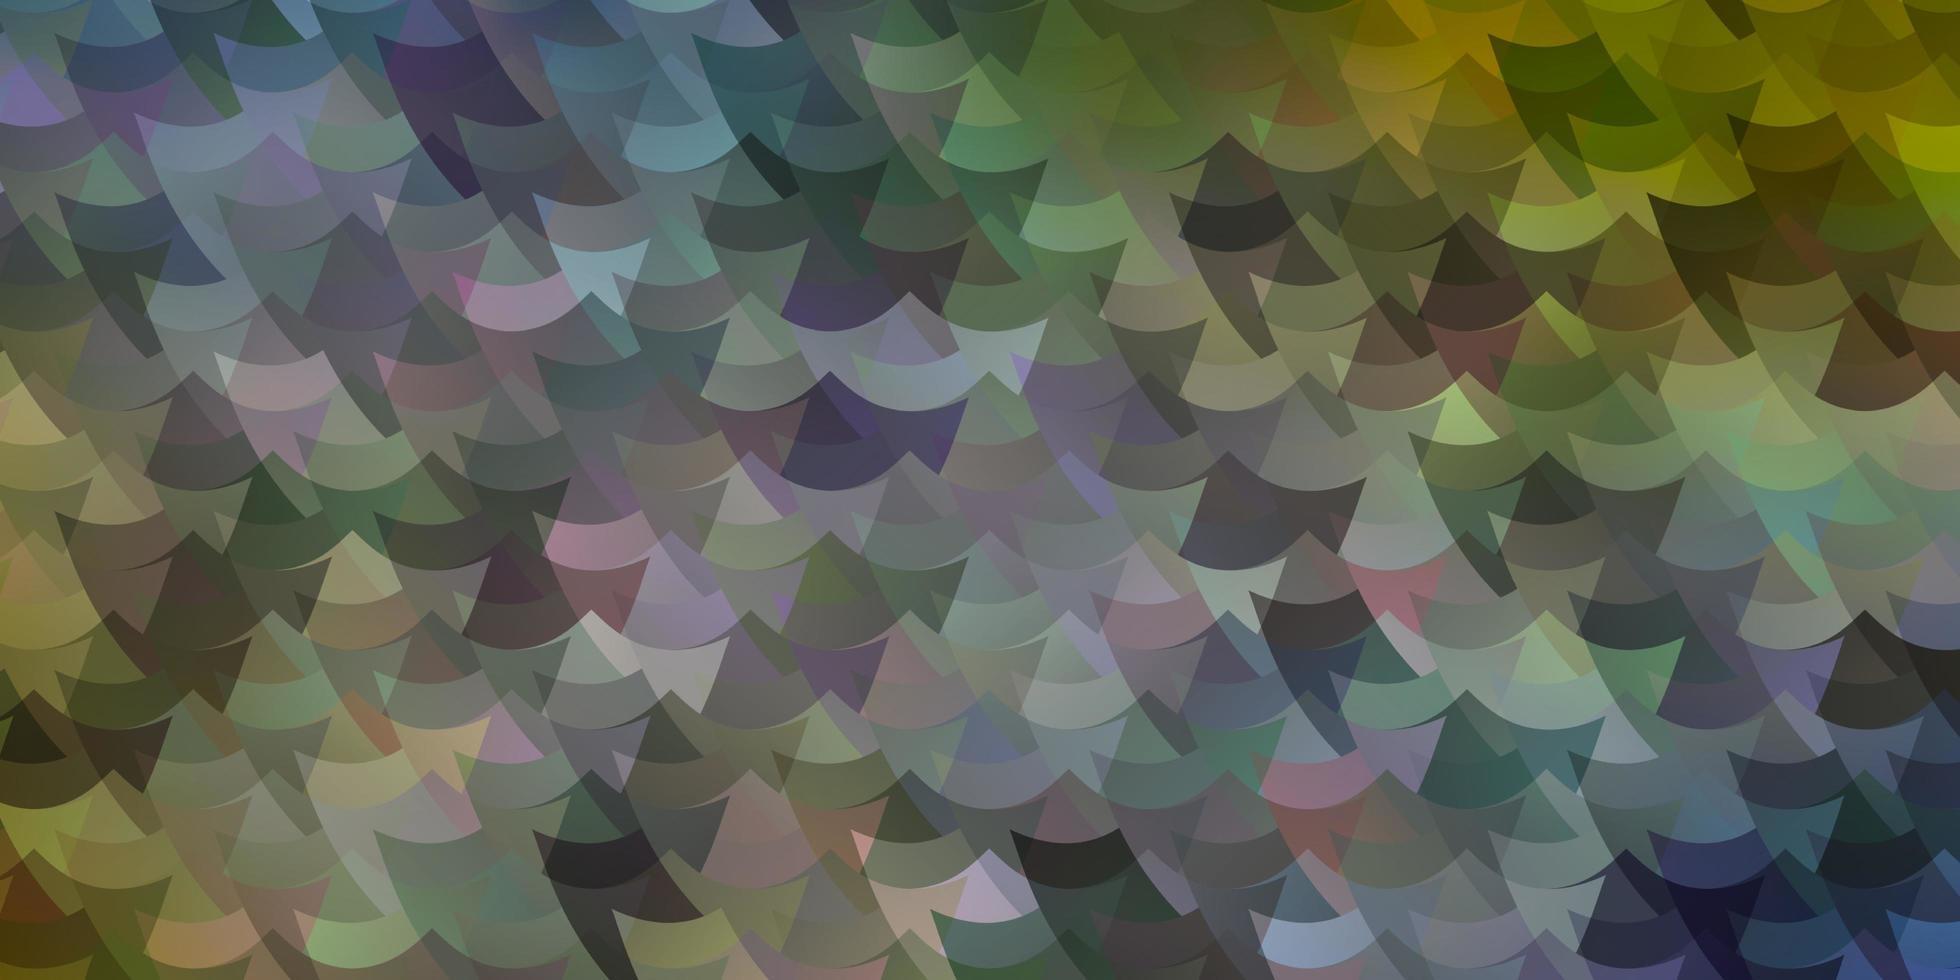 flerfärgad layout med linjer, rektanglar. vektor